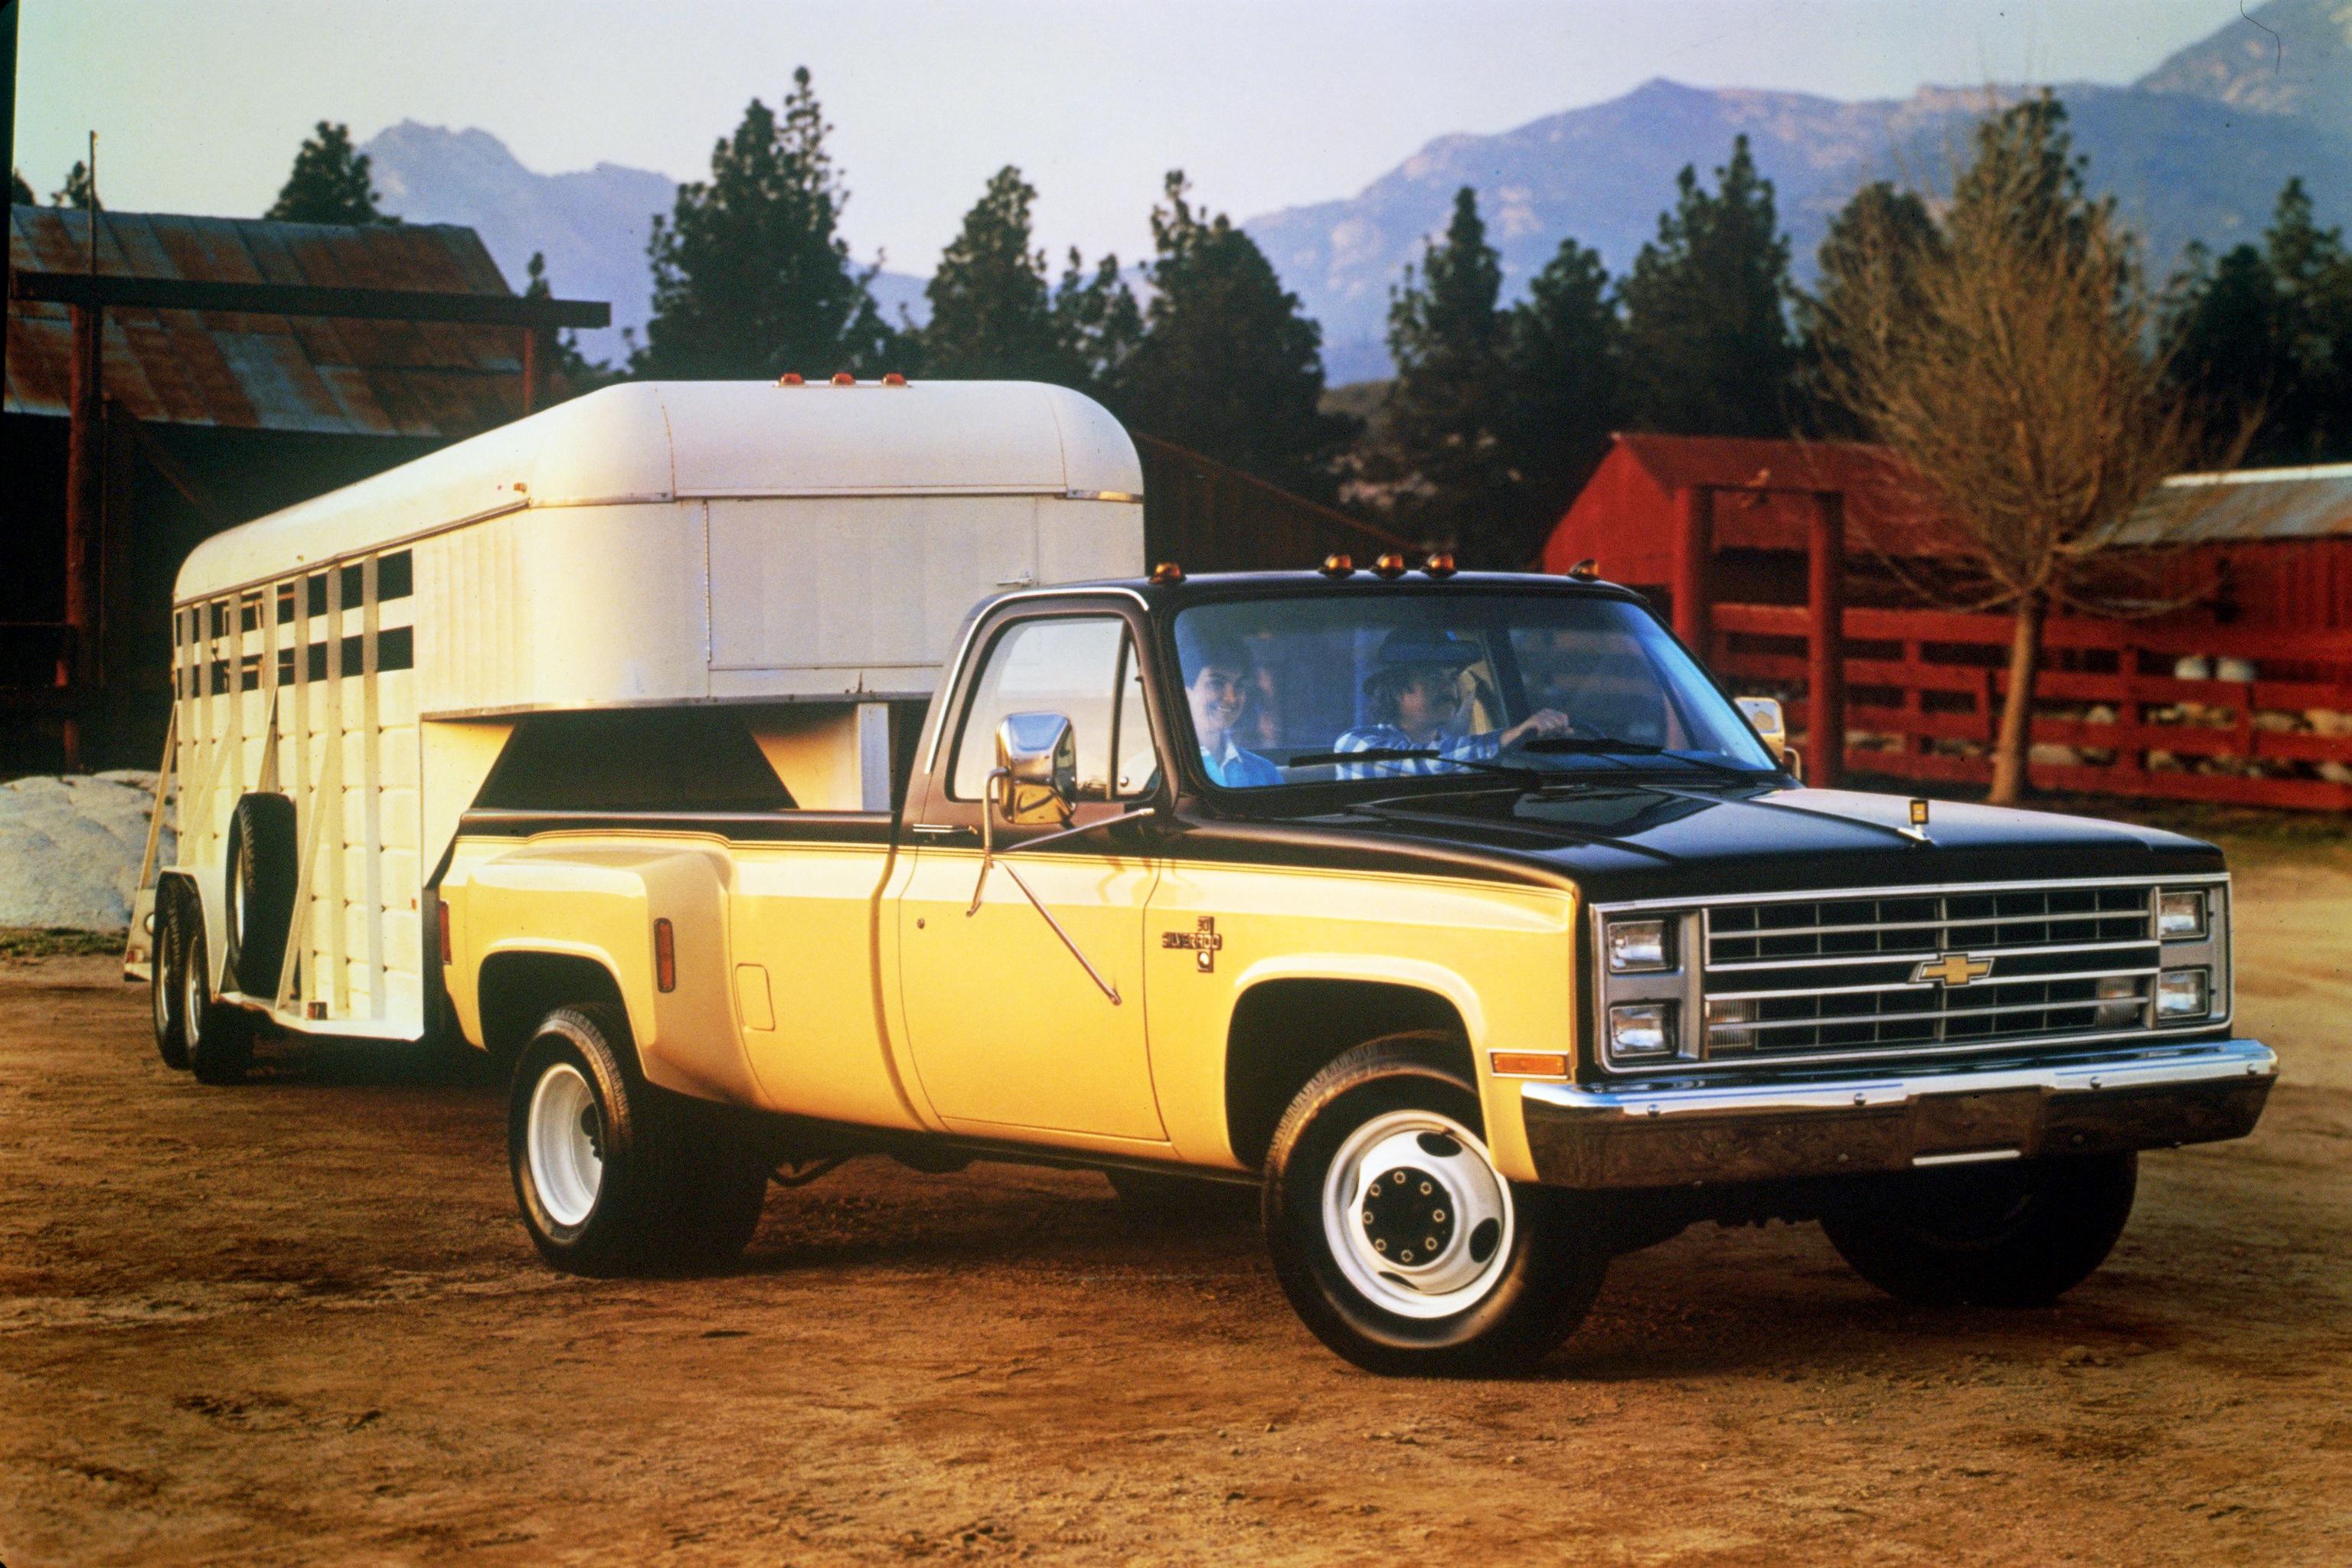 1 Chevy Crew 1989 Cab Ton